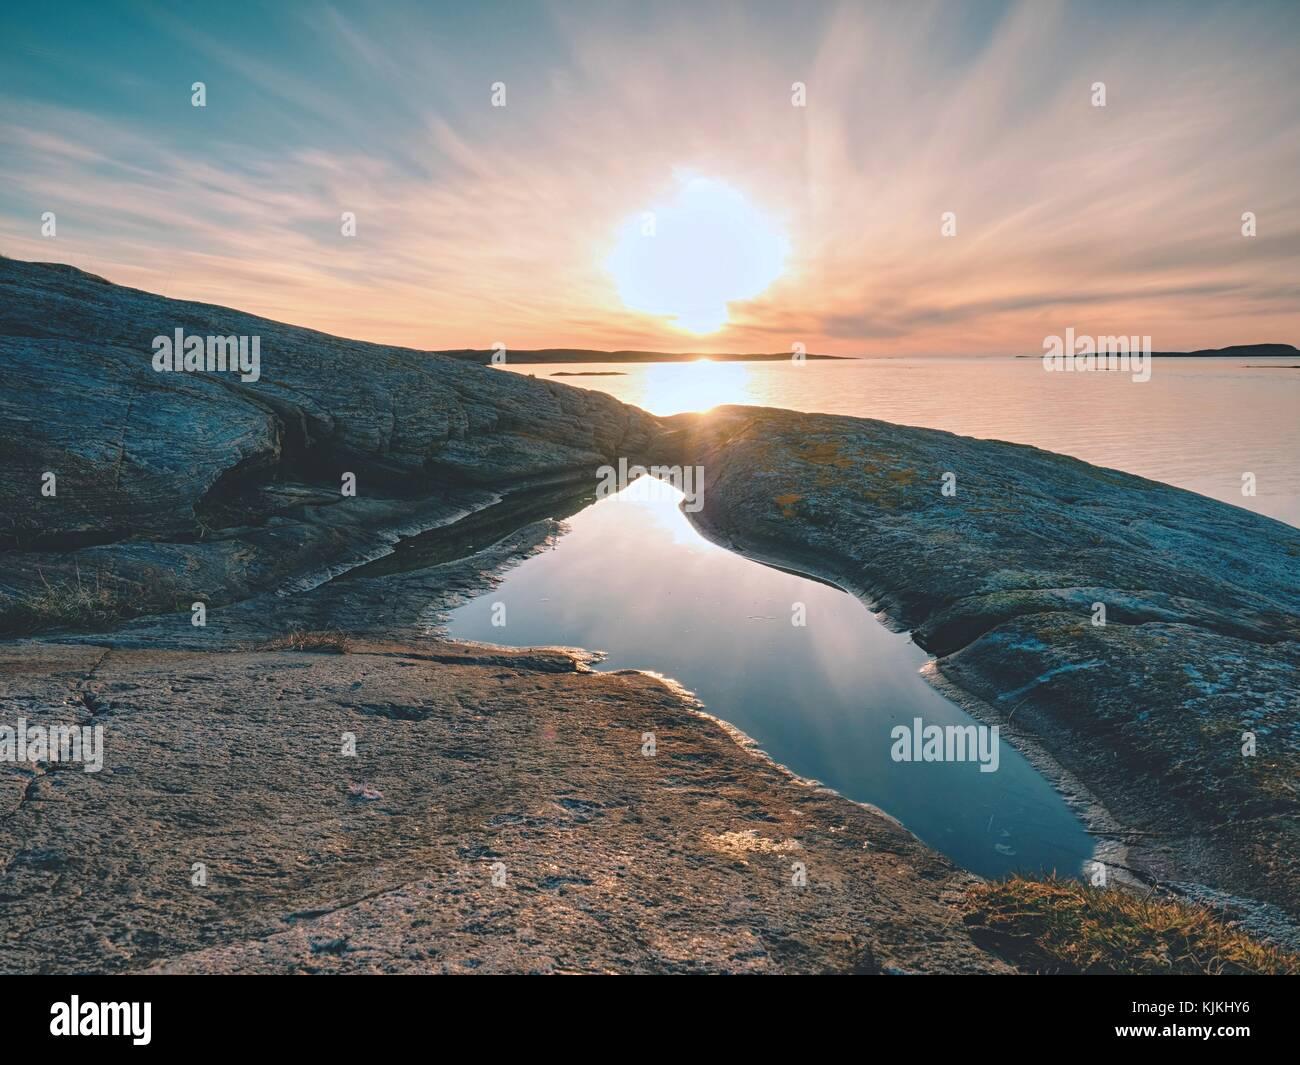 Concepto de seascape sunset o sunrise fondo con una reflexión enriquecida en agua piscina. El sol está Imagen De Stock